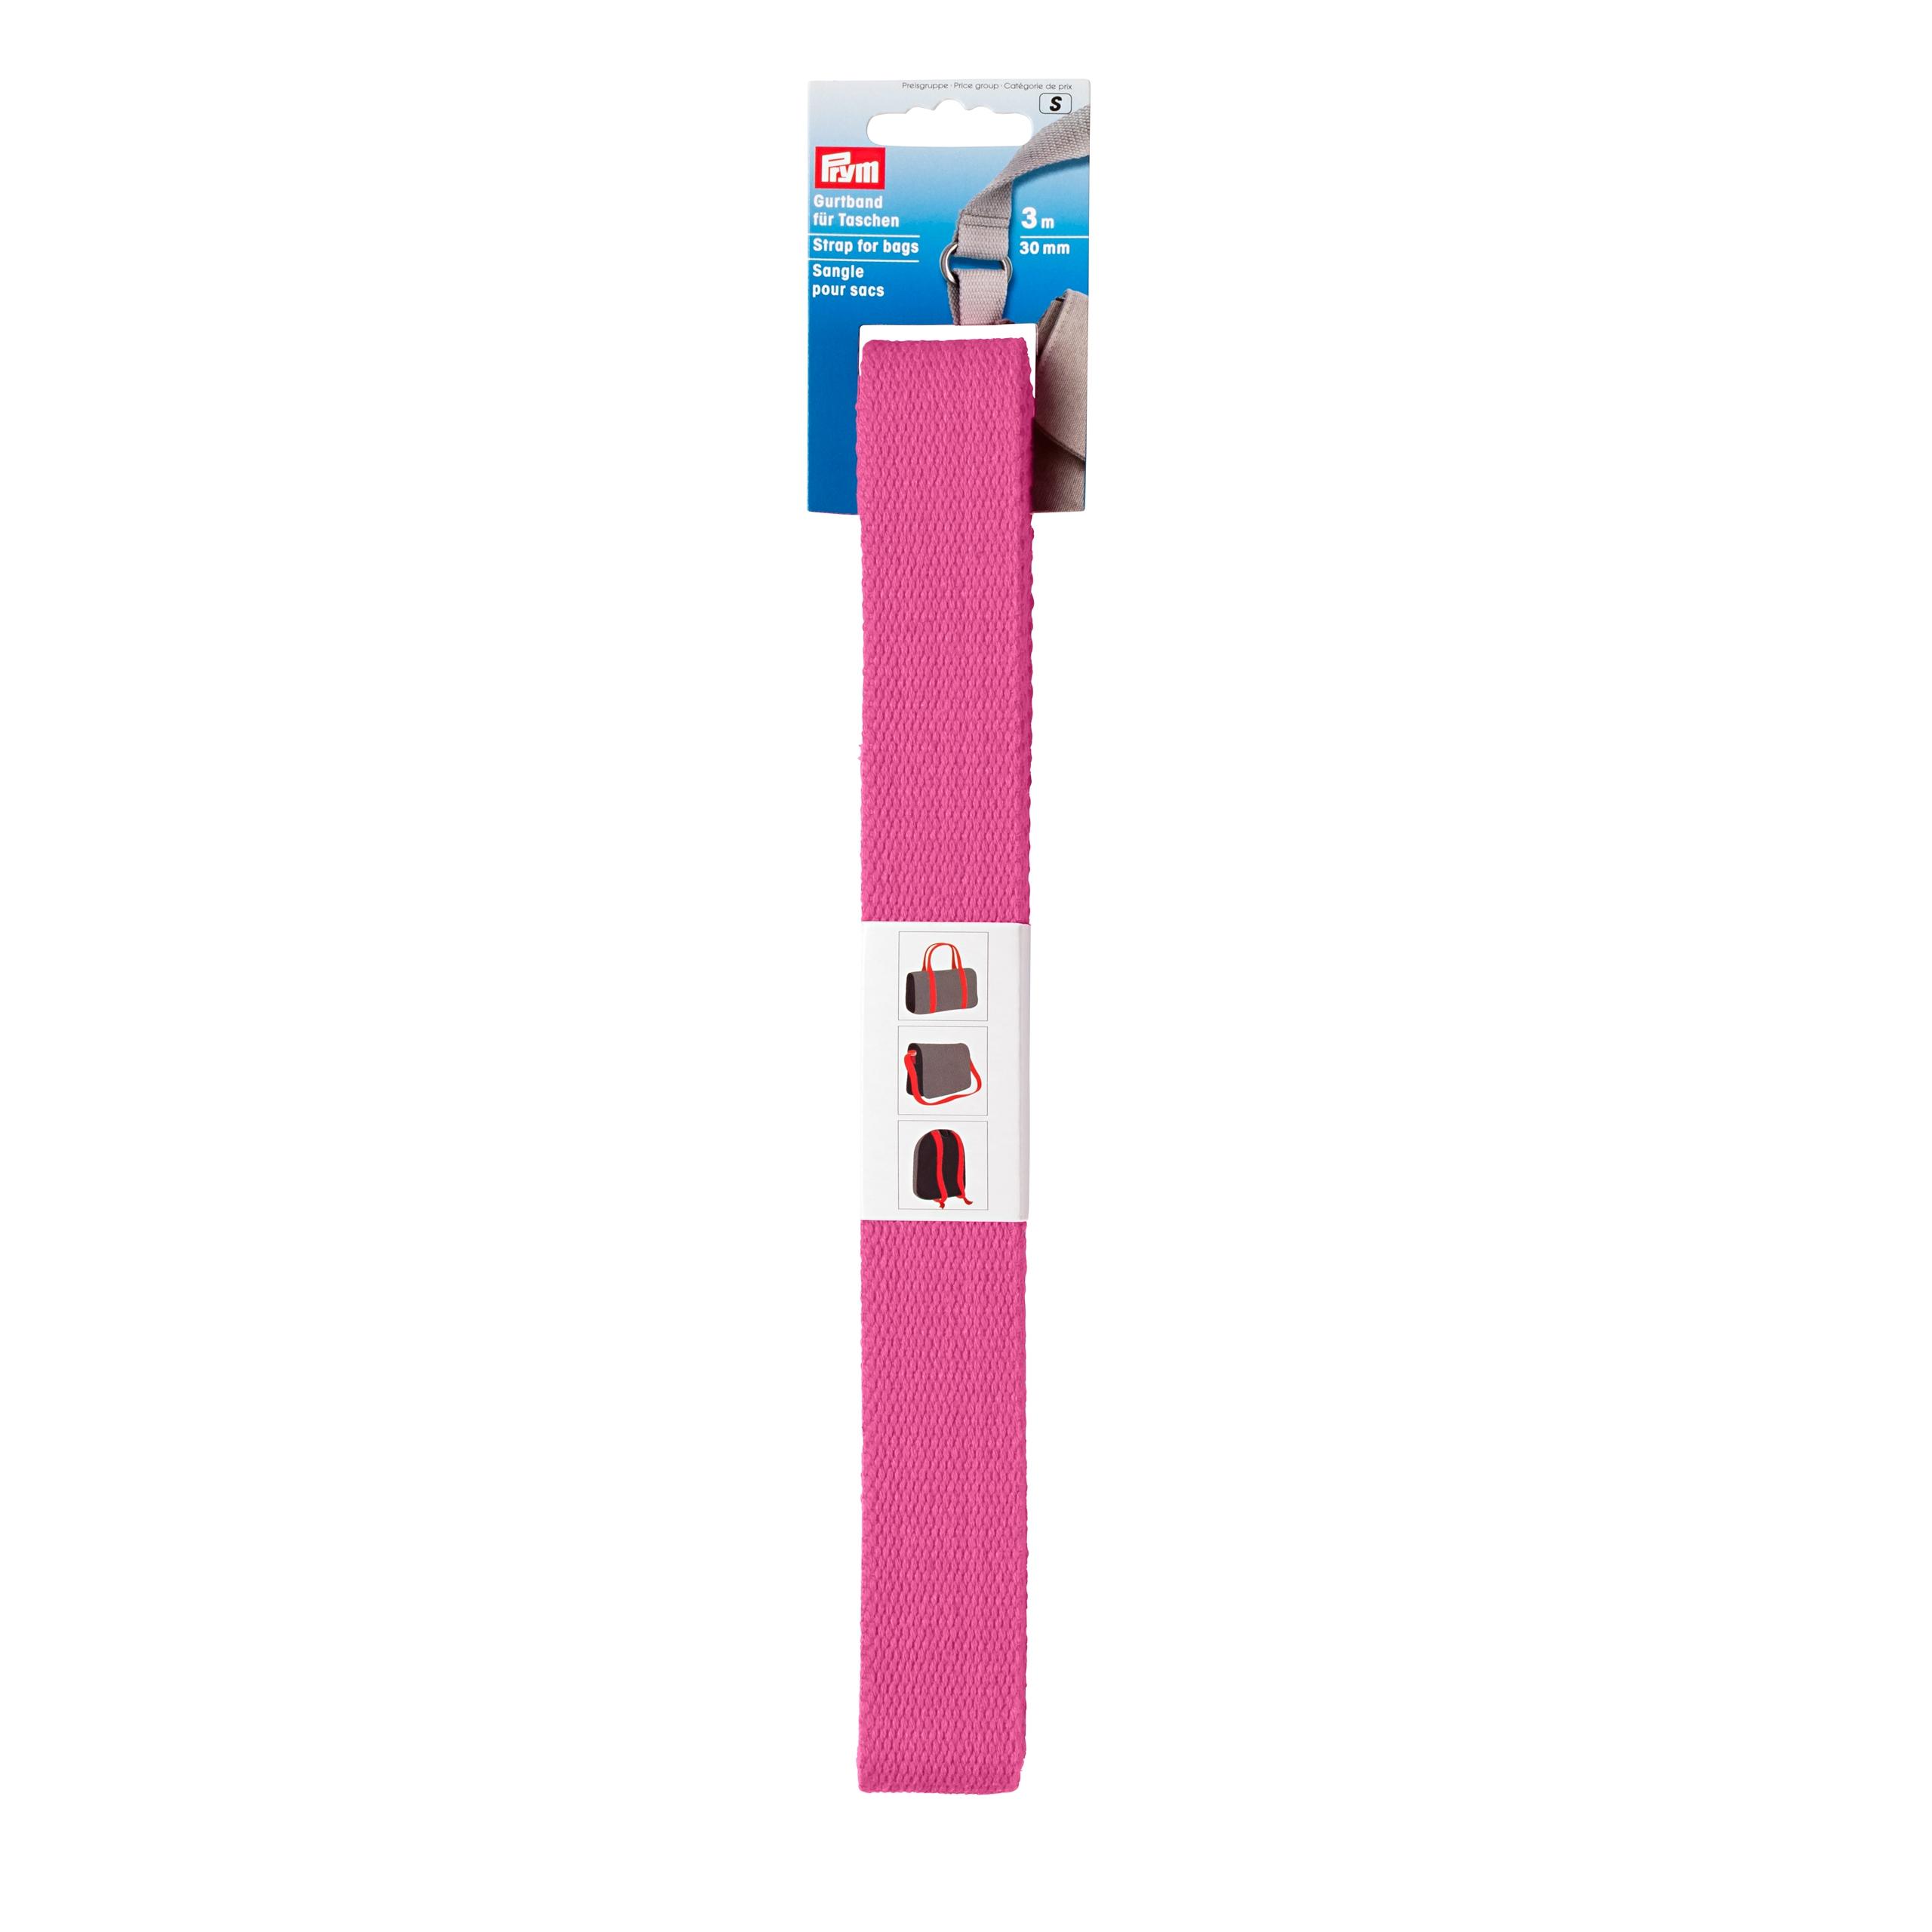 Prym Gurtband für Taschen 30mm pink - 3m abgepackt